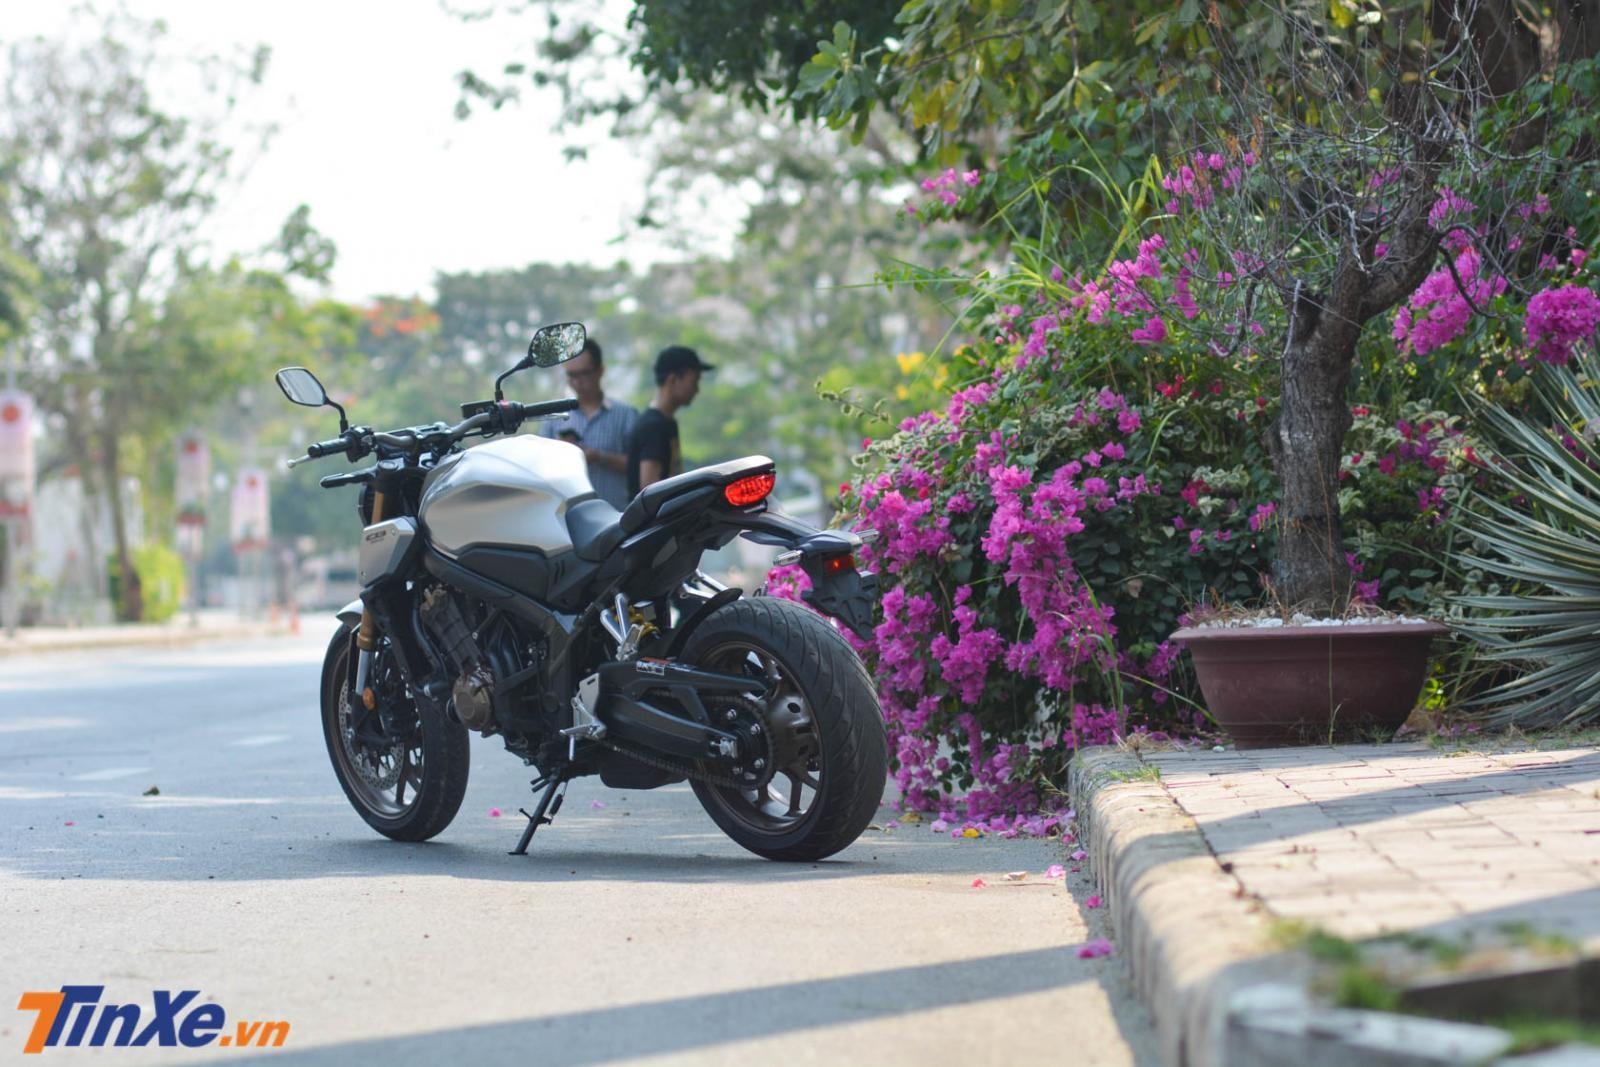 Hiện số xe Honda CB650R 2019 chính hãng về nước không đủ đáp ứng cho nhu cầu của các biker Việt